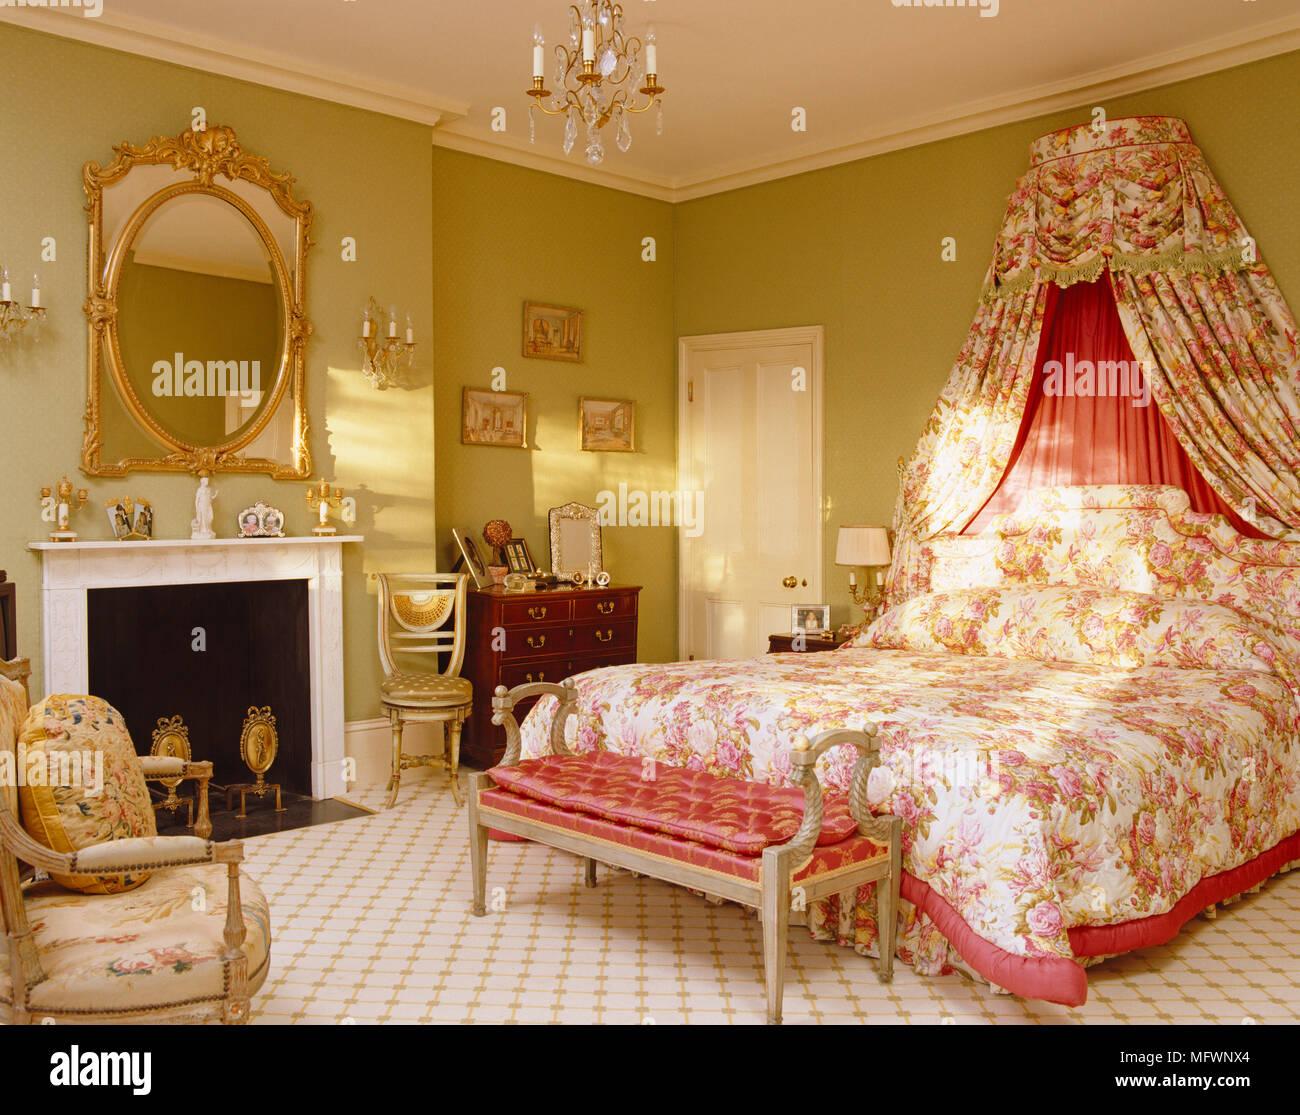 Letto matrimoniale con motivi floreali biancheria da letto ...